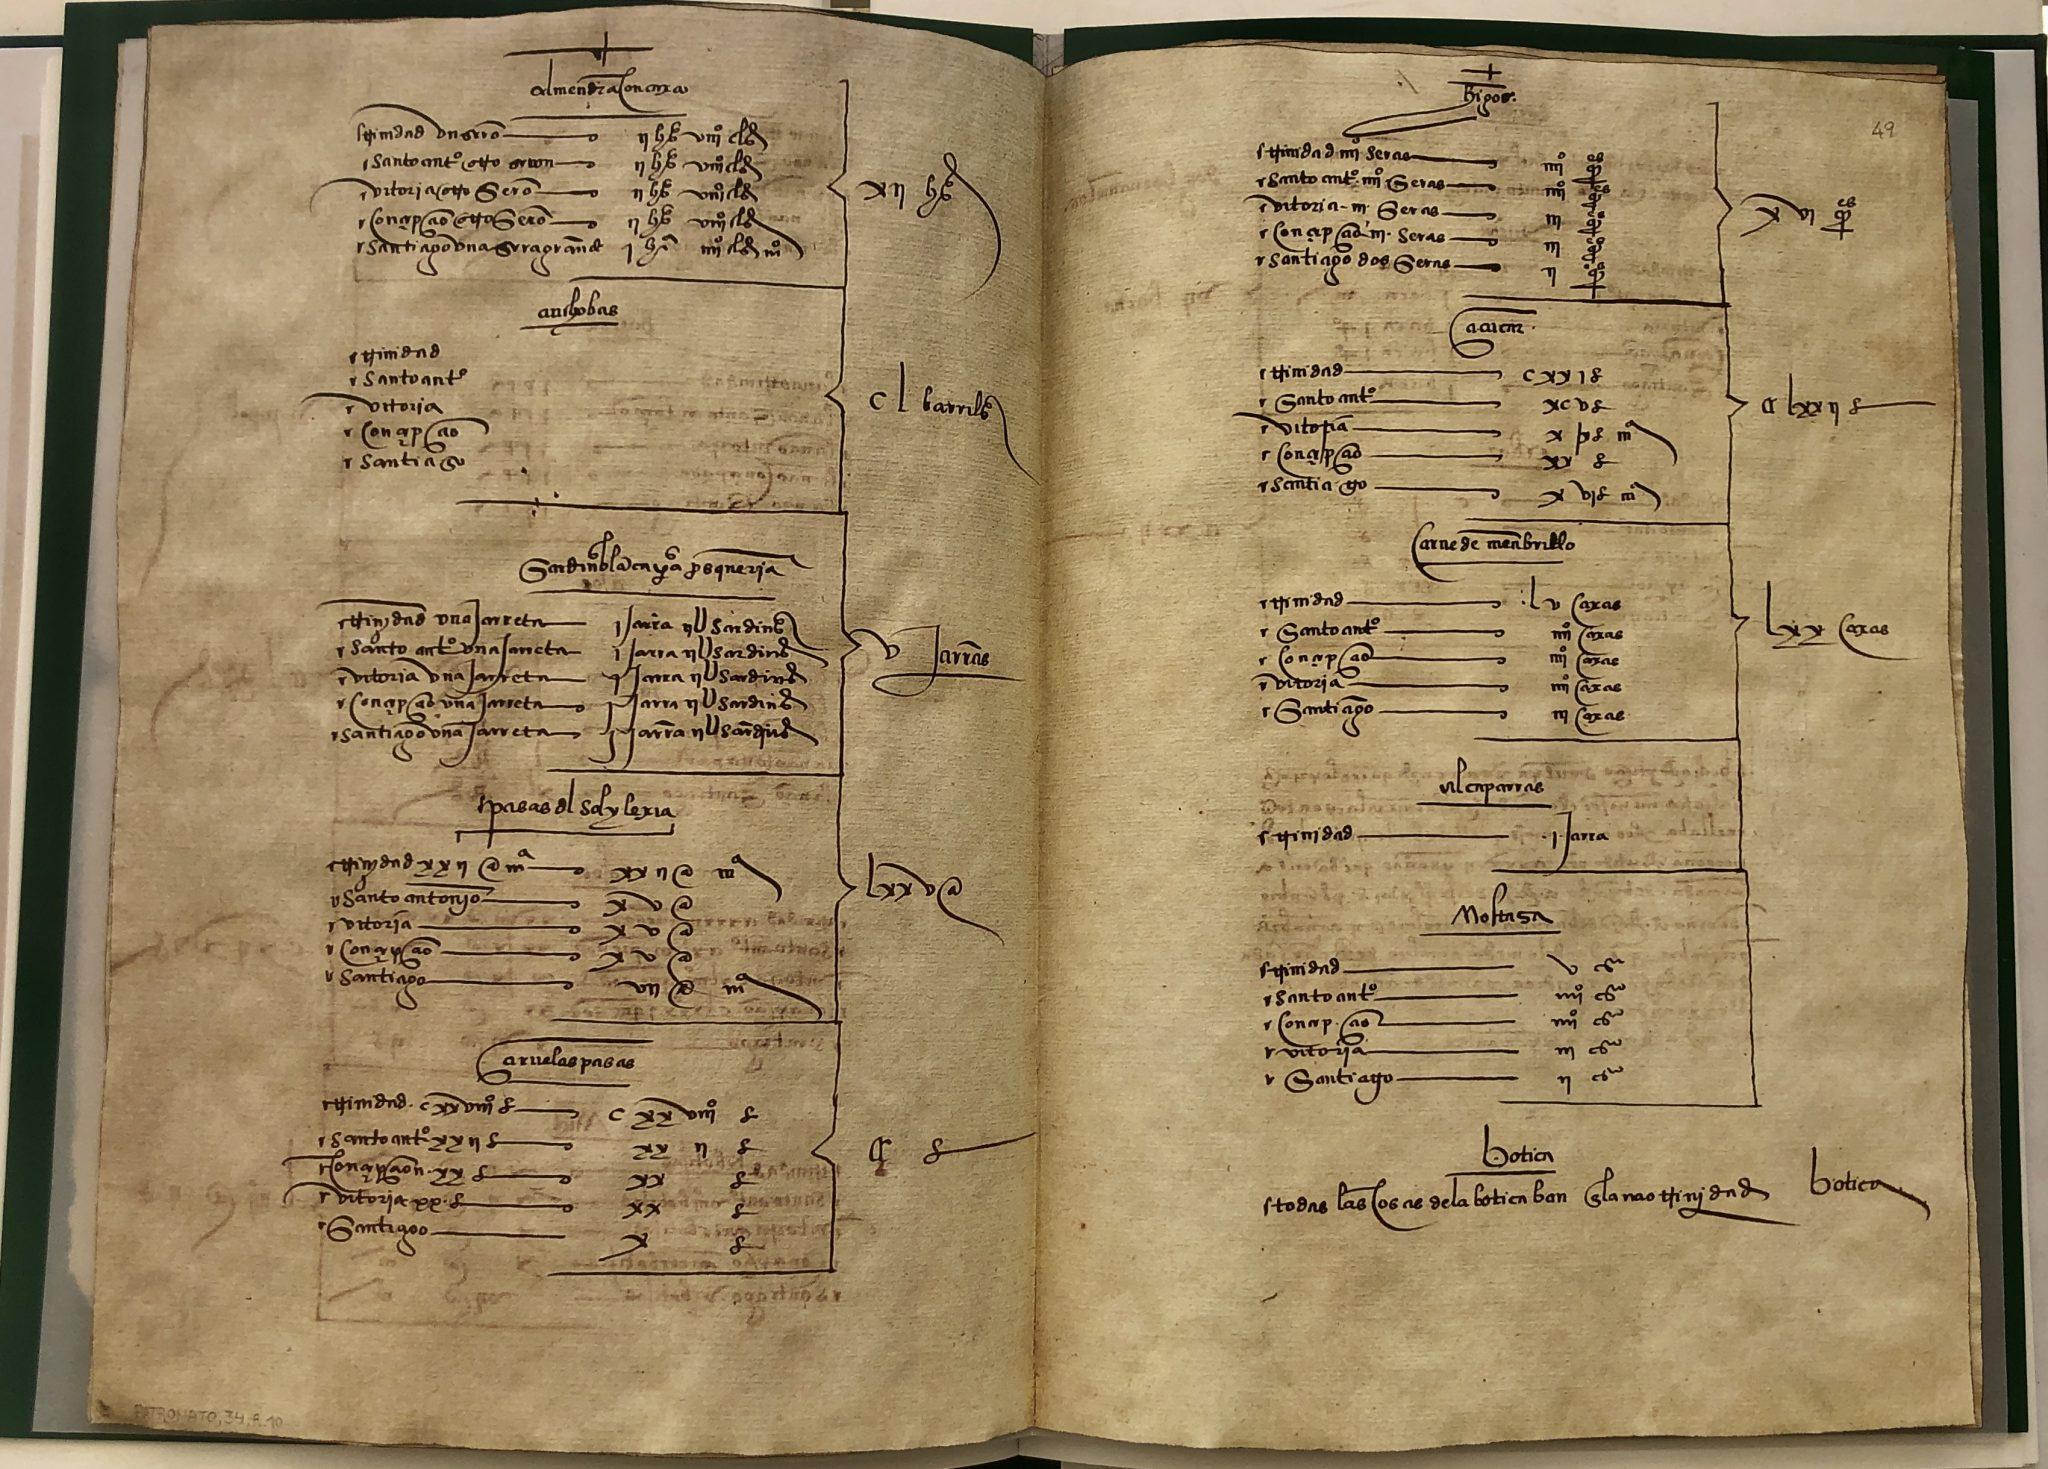 Facsimil de la lista de viandas del viaje de Magallanes y Elcano